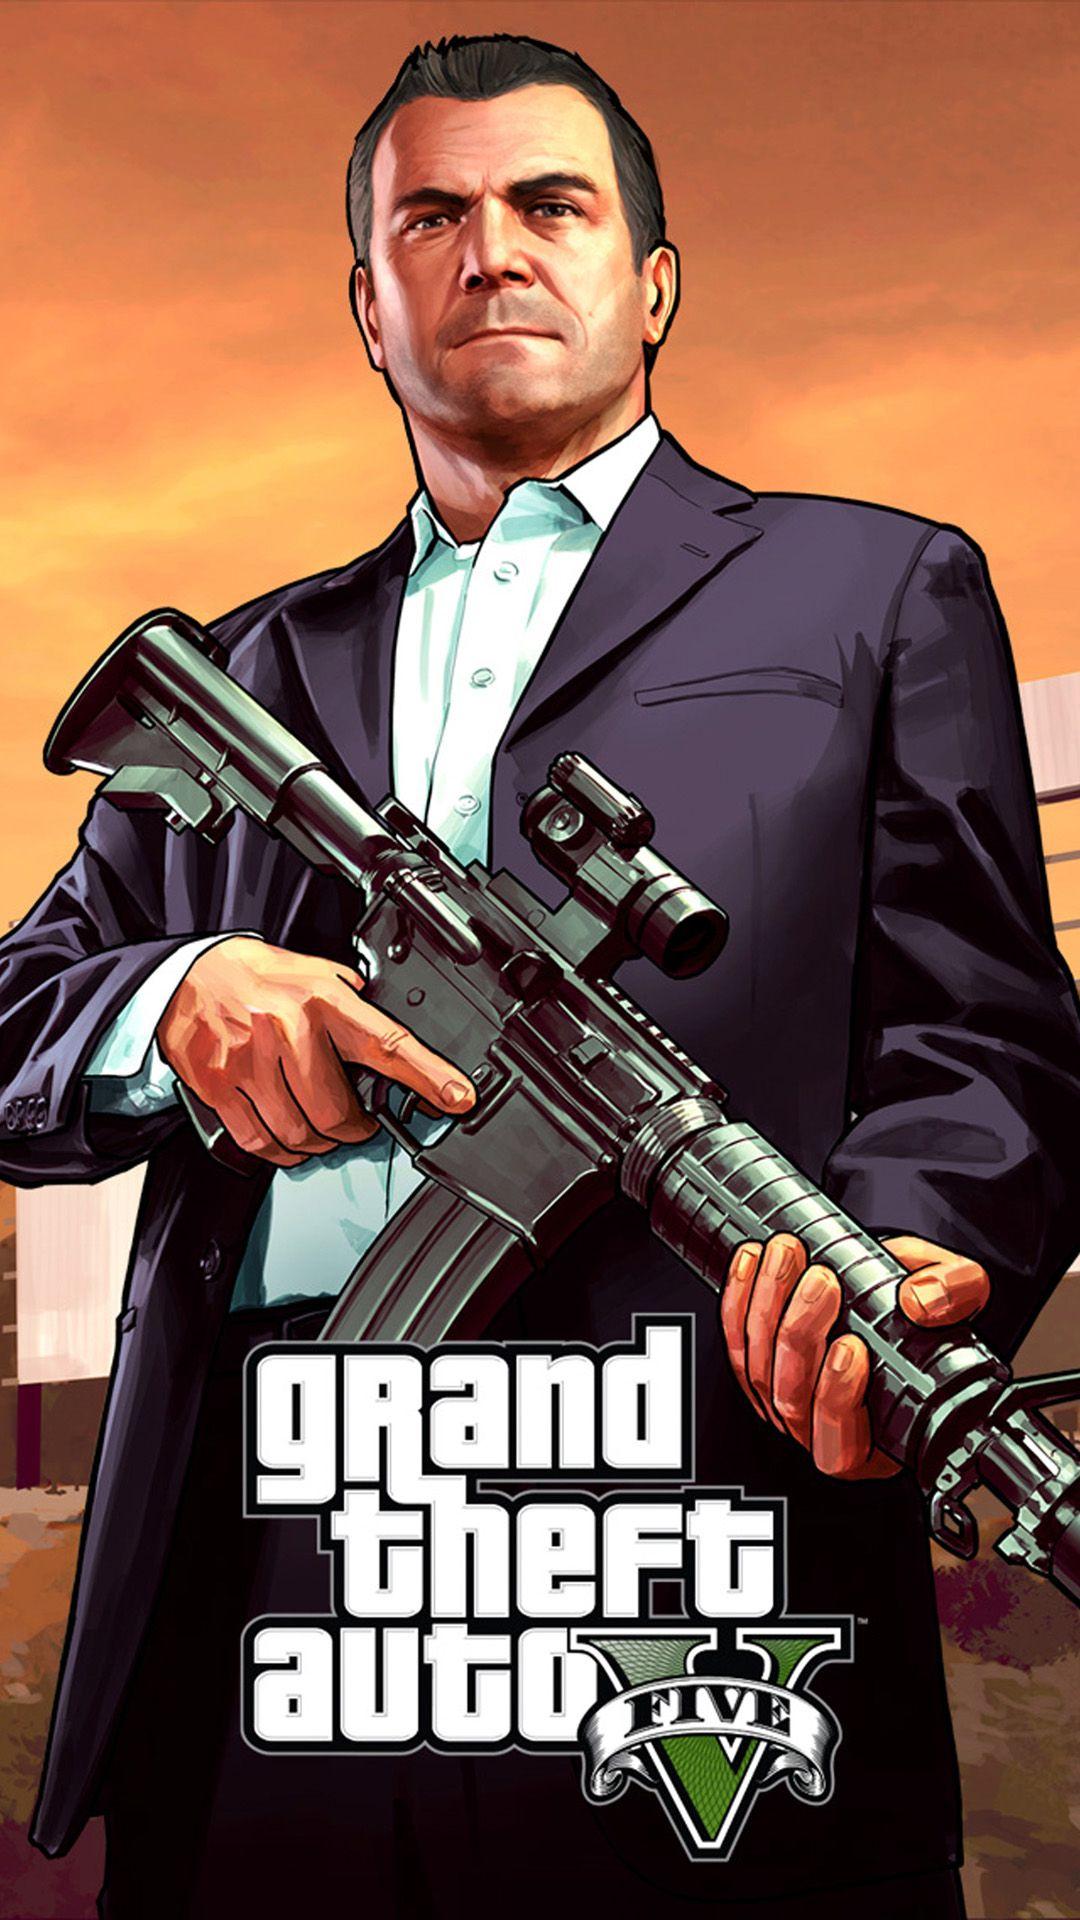 GTA 5 ОбОИ ДЛЯ телефона Поиск в Google Игровые арты